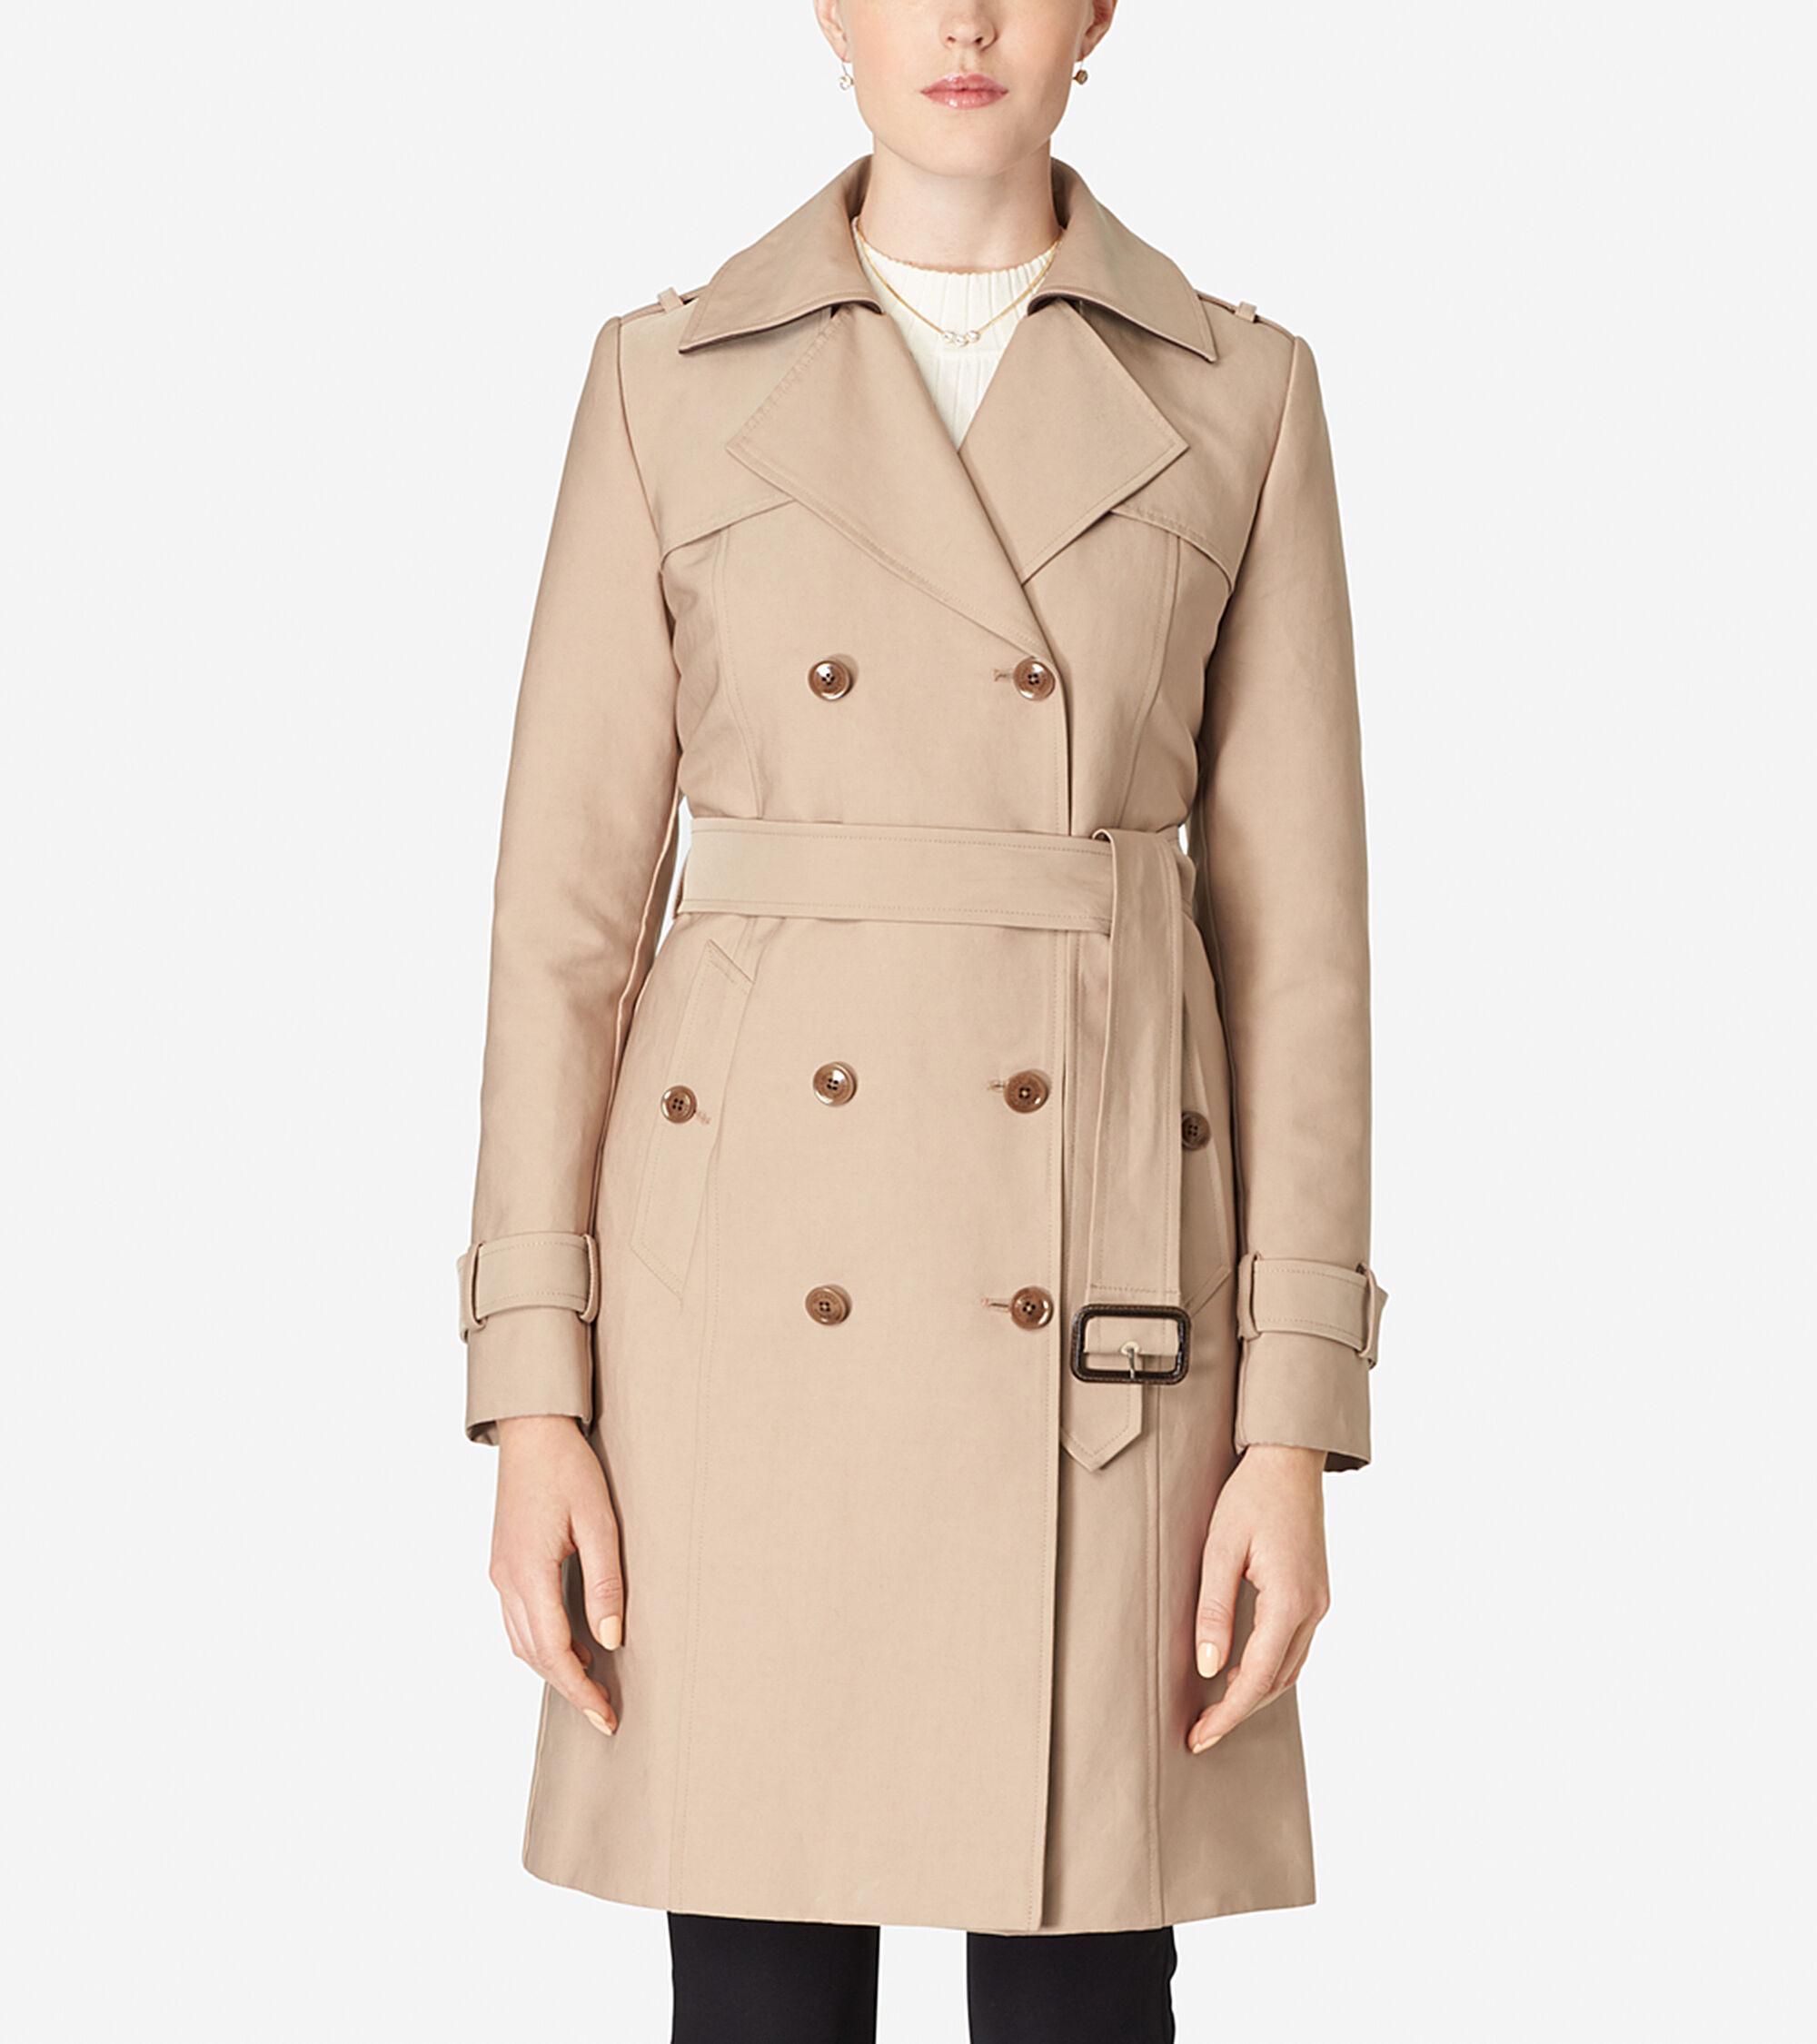 Cole Haan Women S Jackets Hoodies And Coats Cj Online